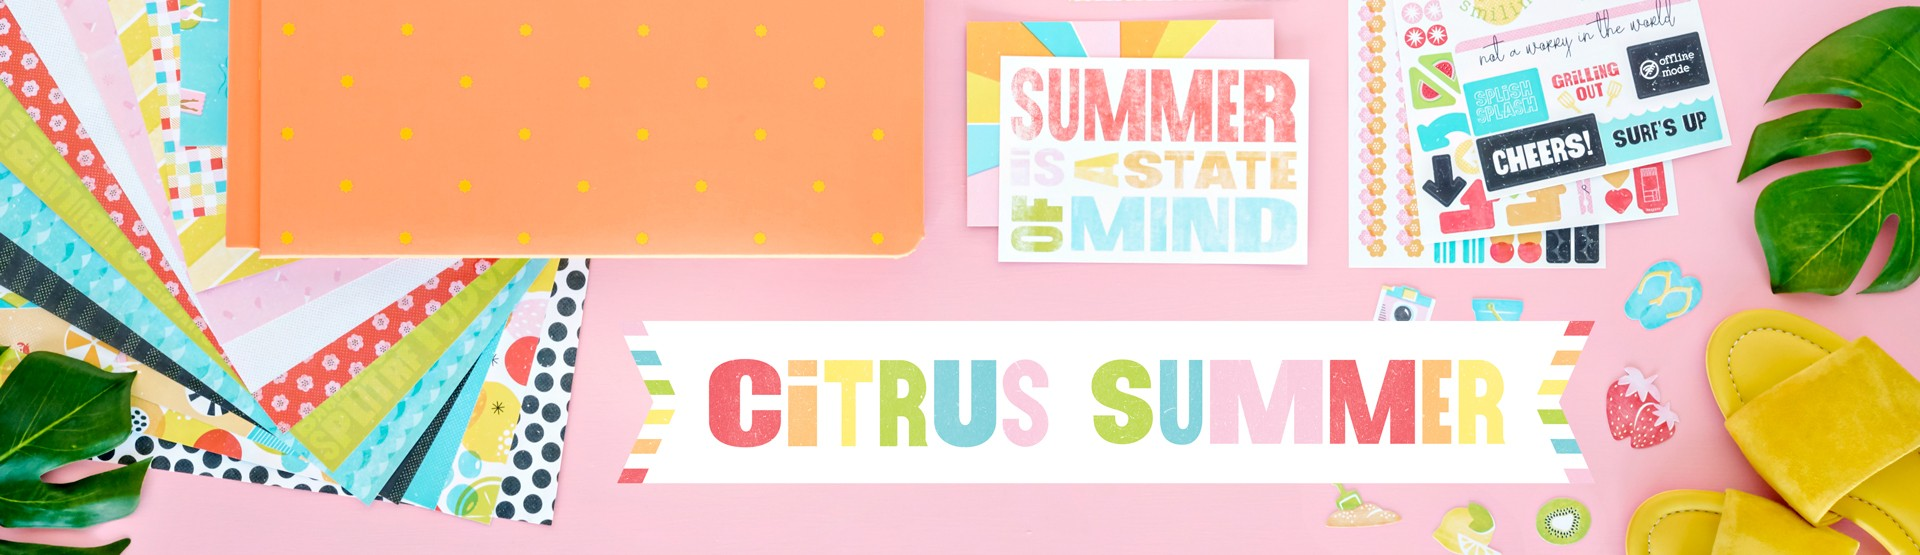 Summer & Beach: Citrus Summer